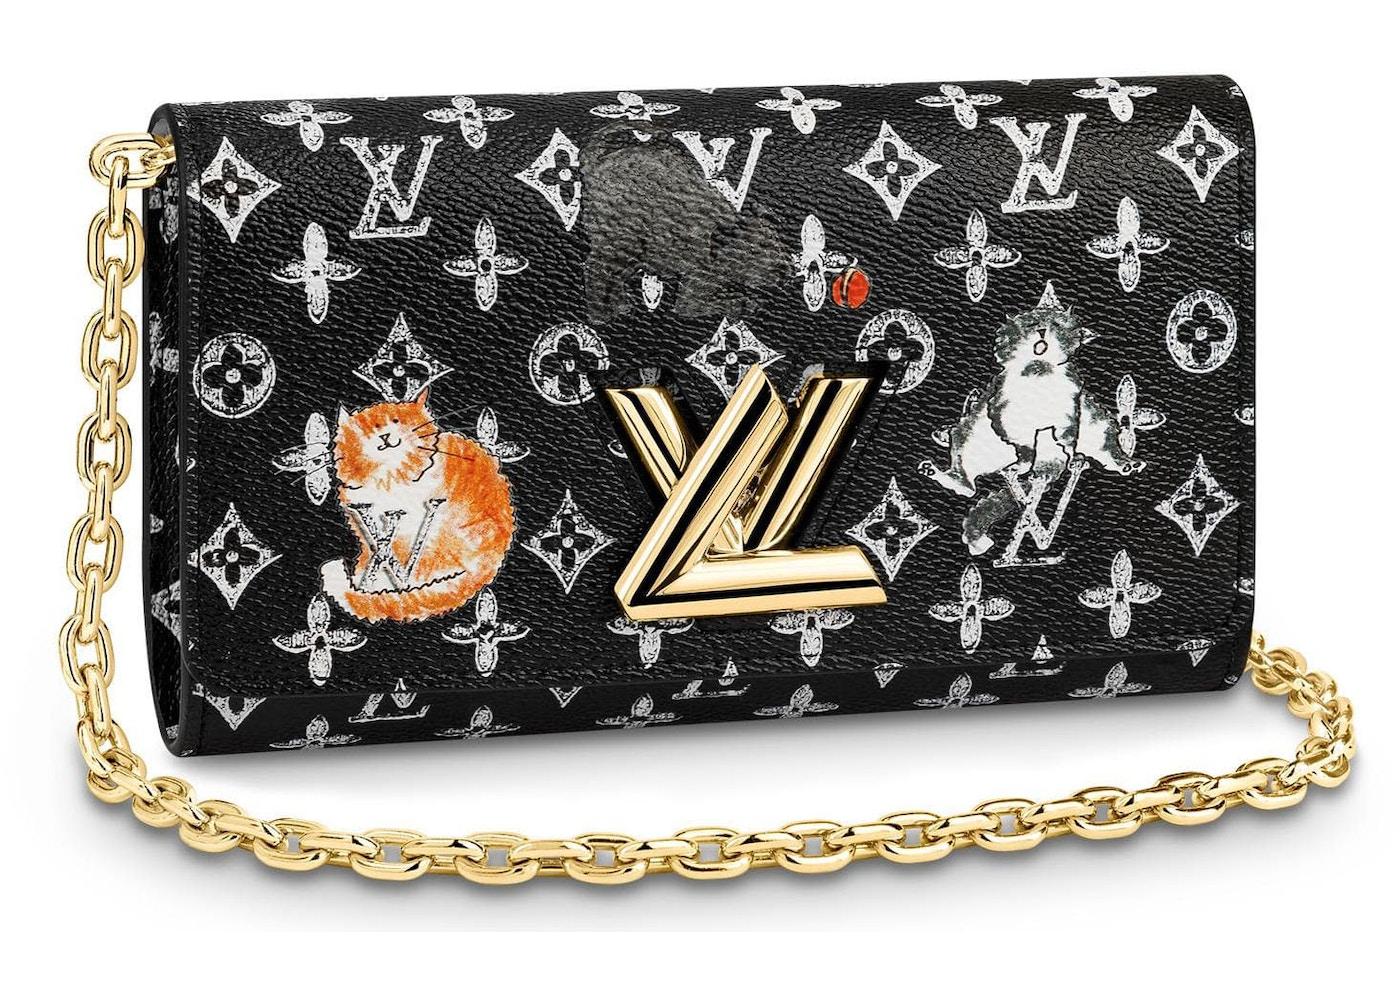 719fd7505d Louis Vuitton Twist Chain Wallet Monogram Catogram Black/White